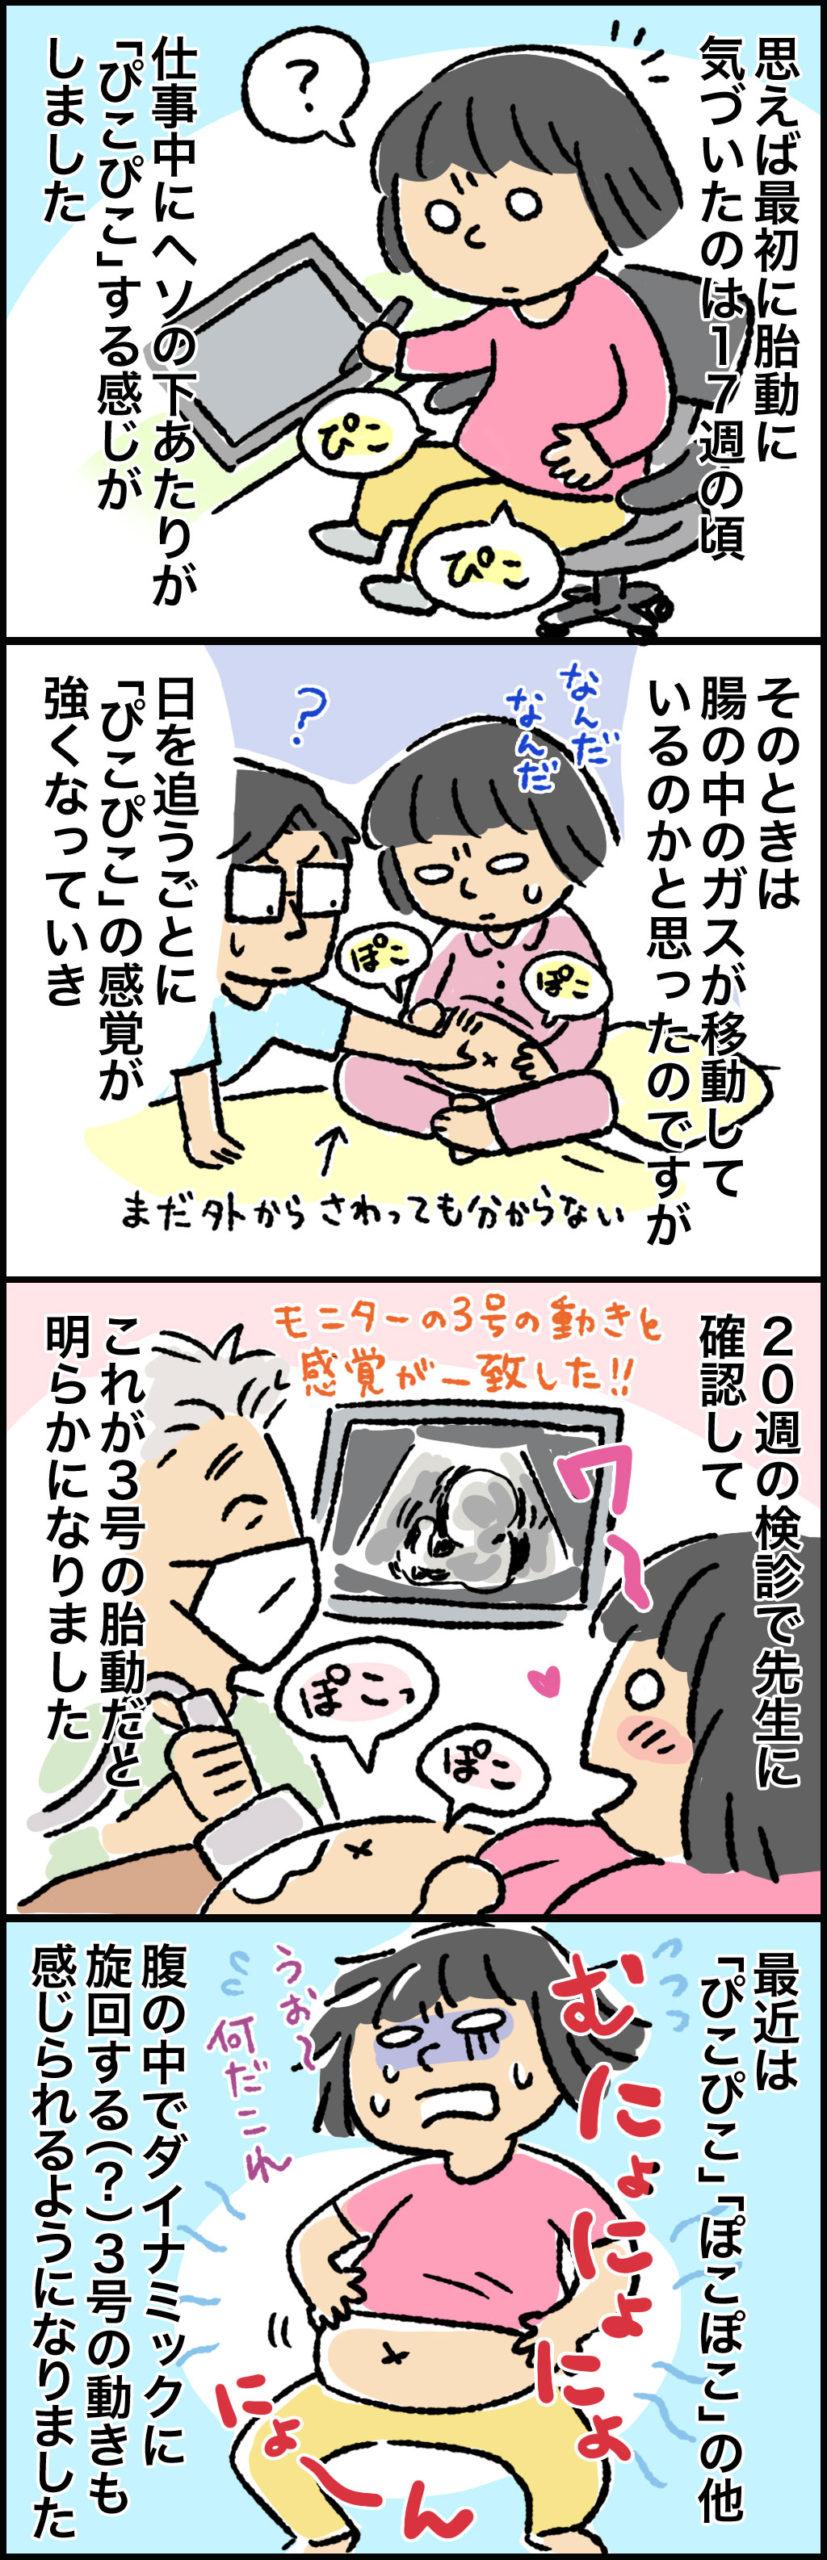 胎児の胎動